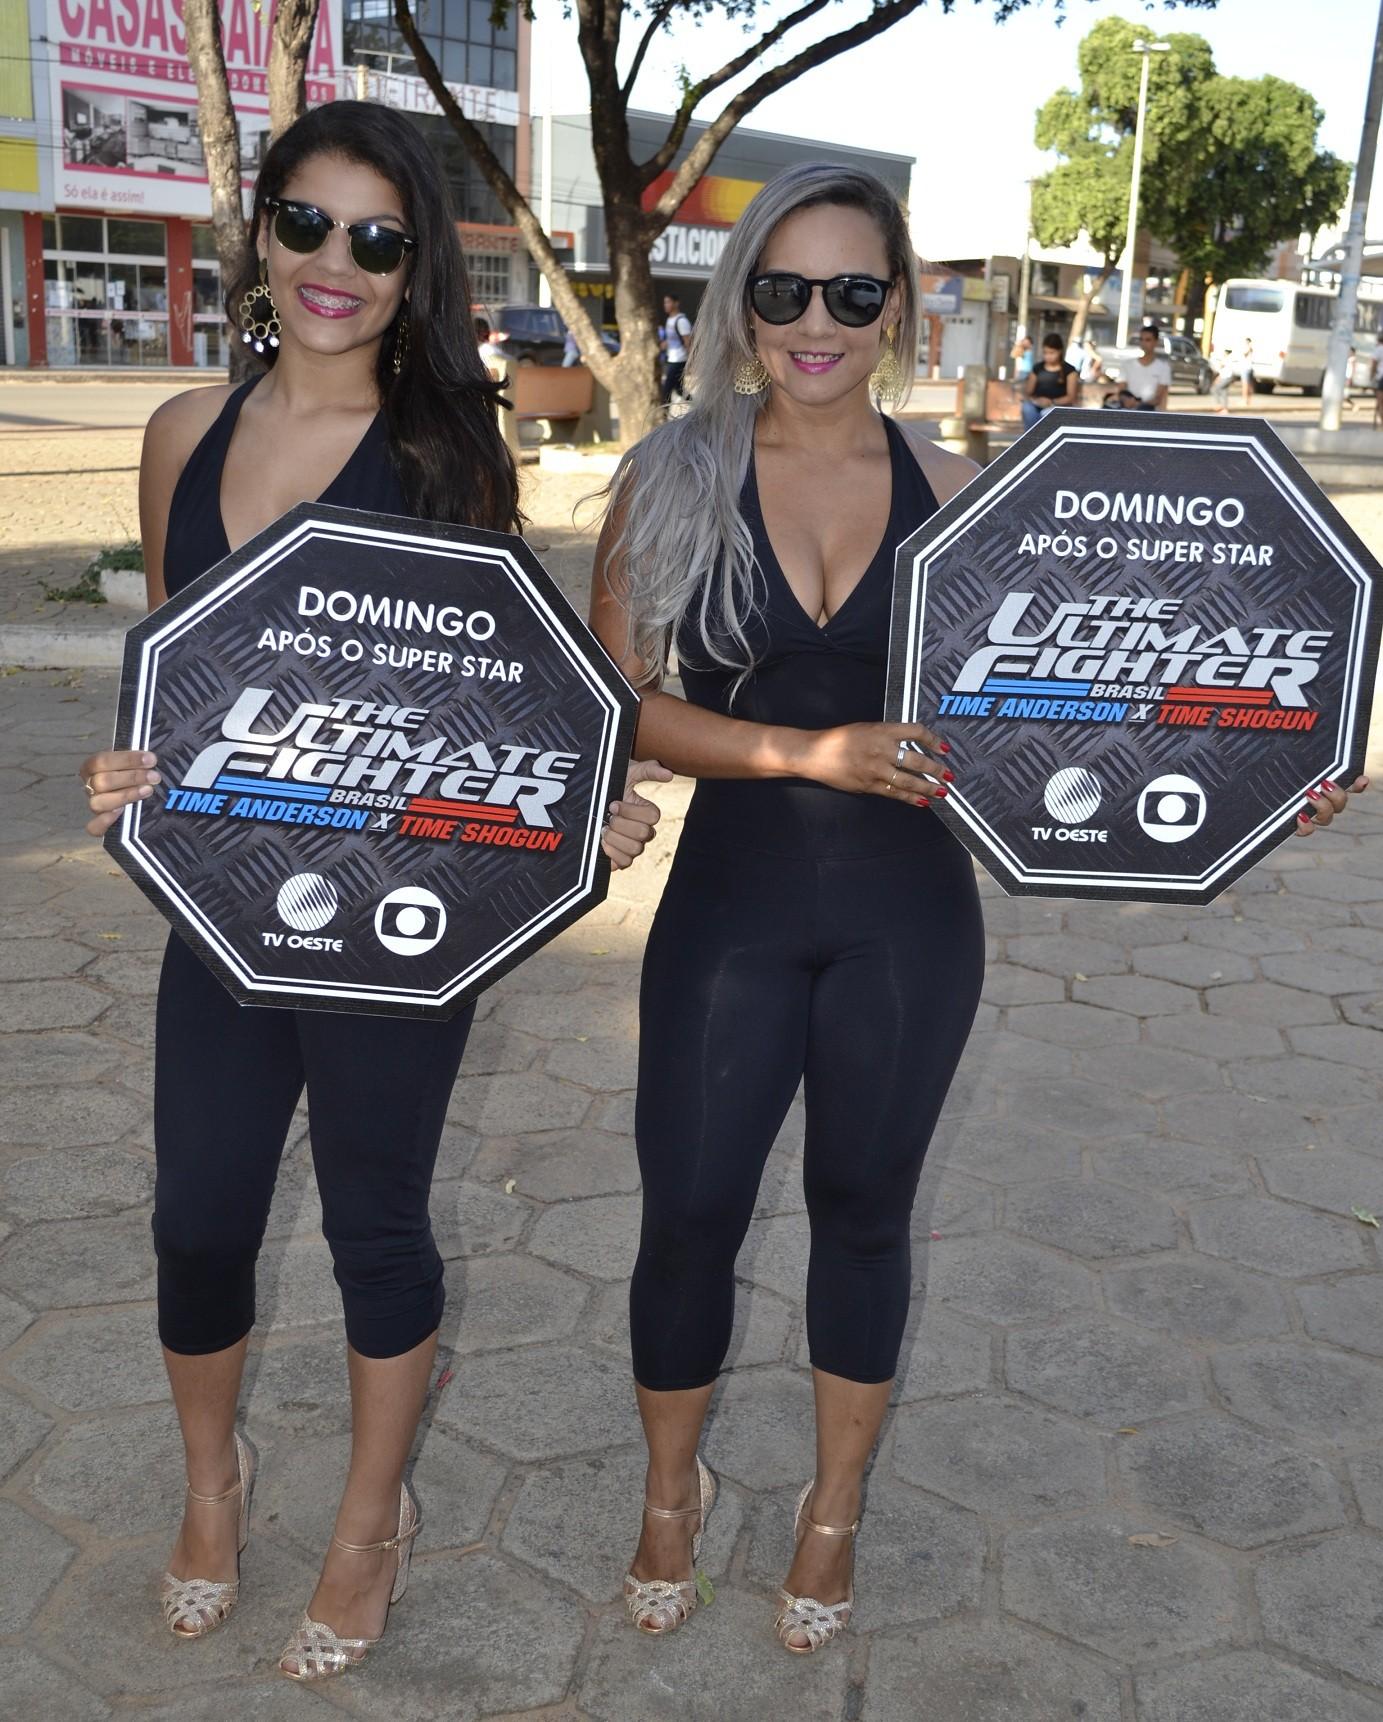 Promotoras com placas divulgando o programa e o horário (Foto: Divulgação)